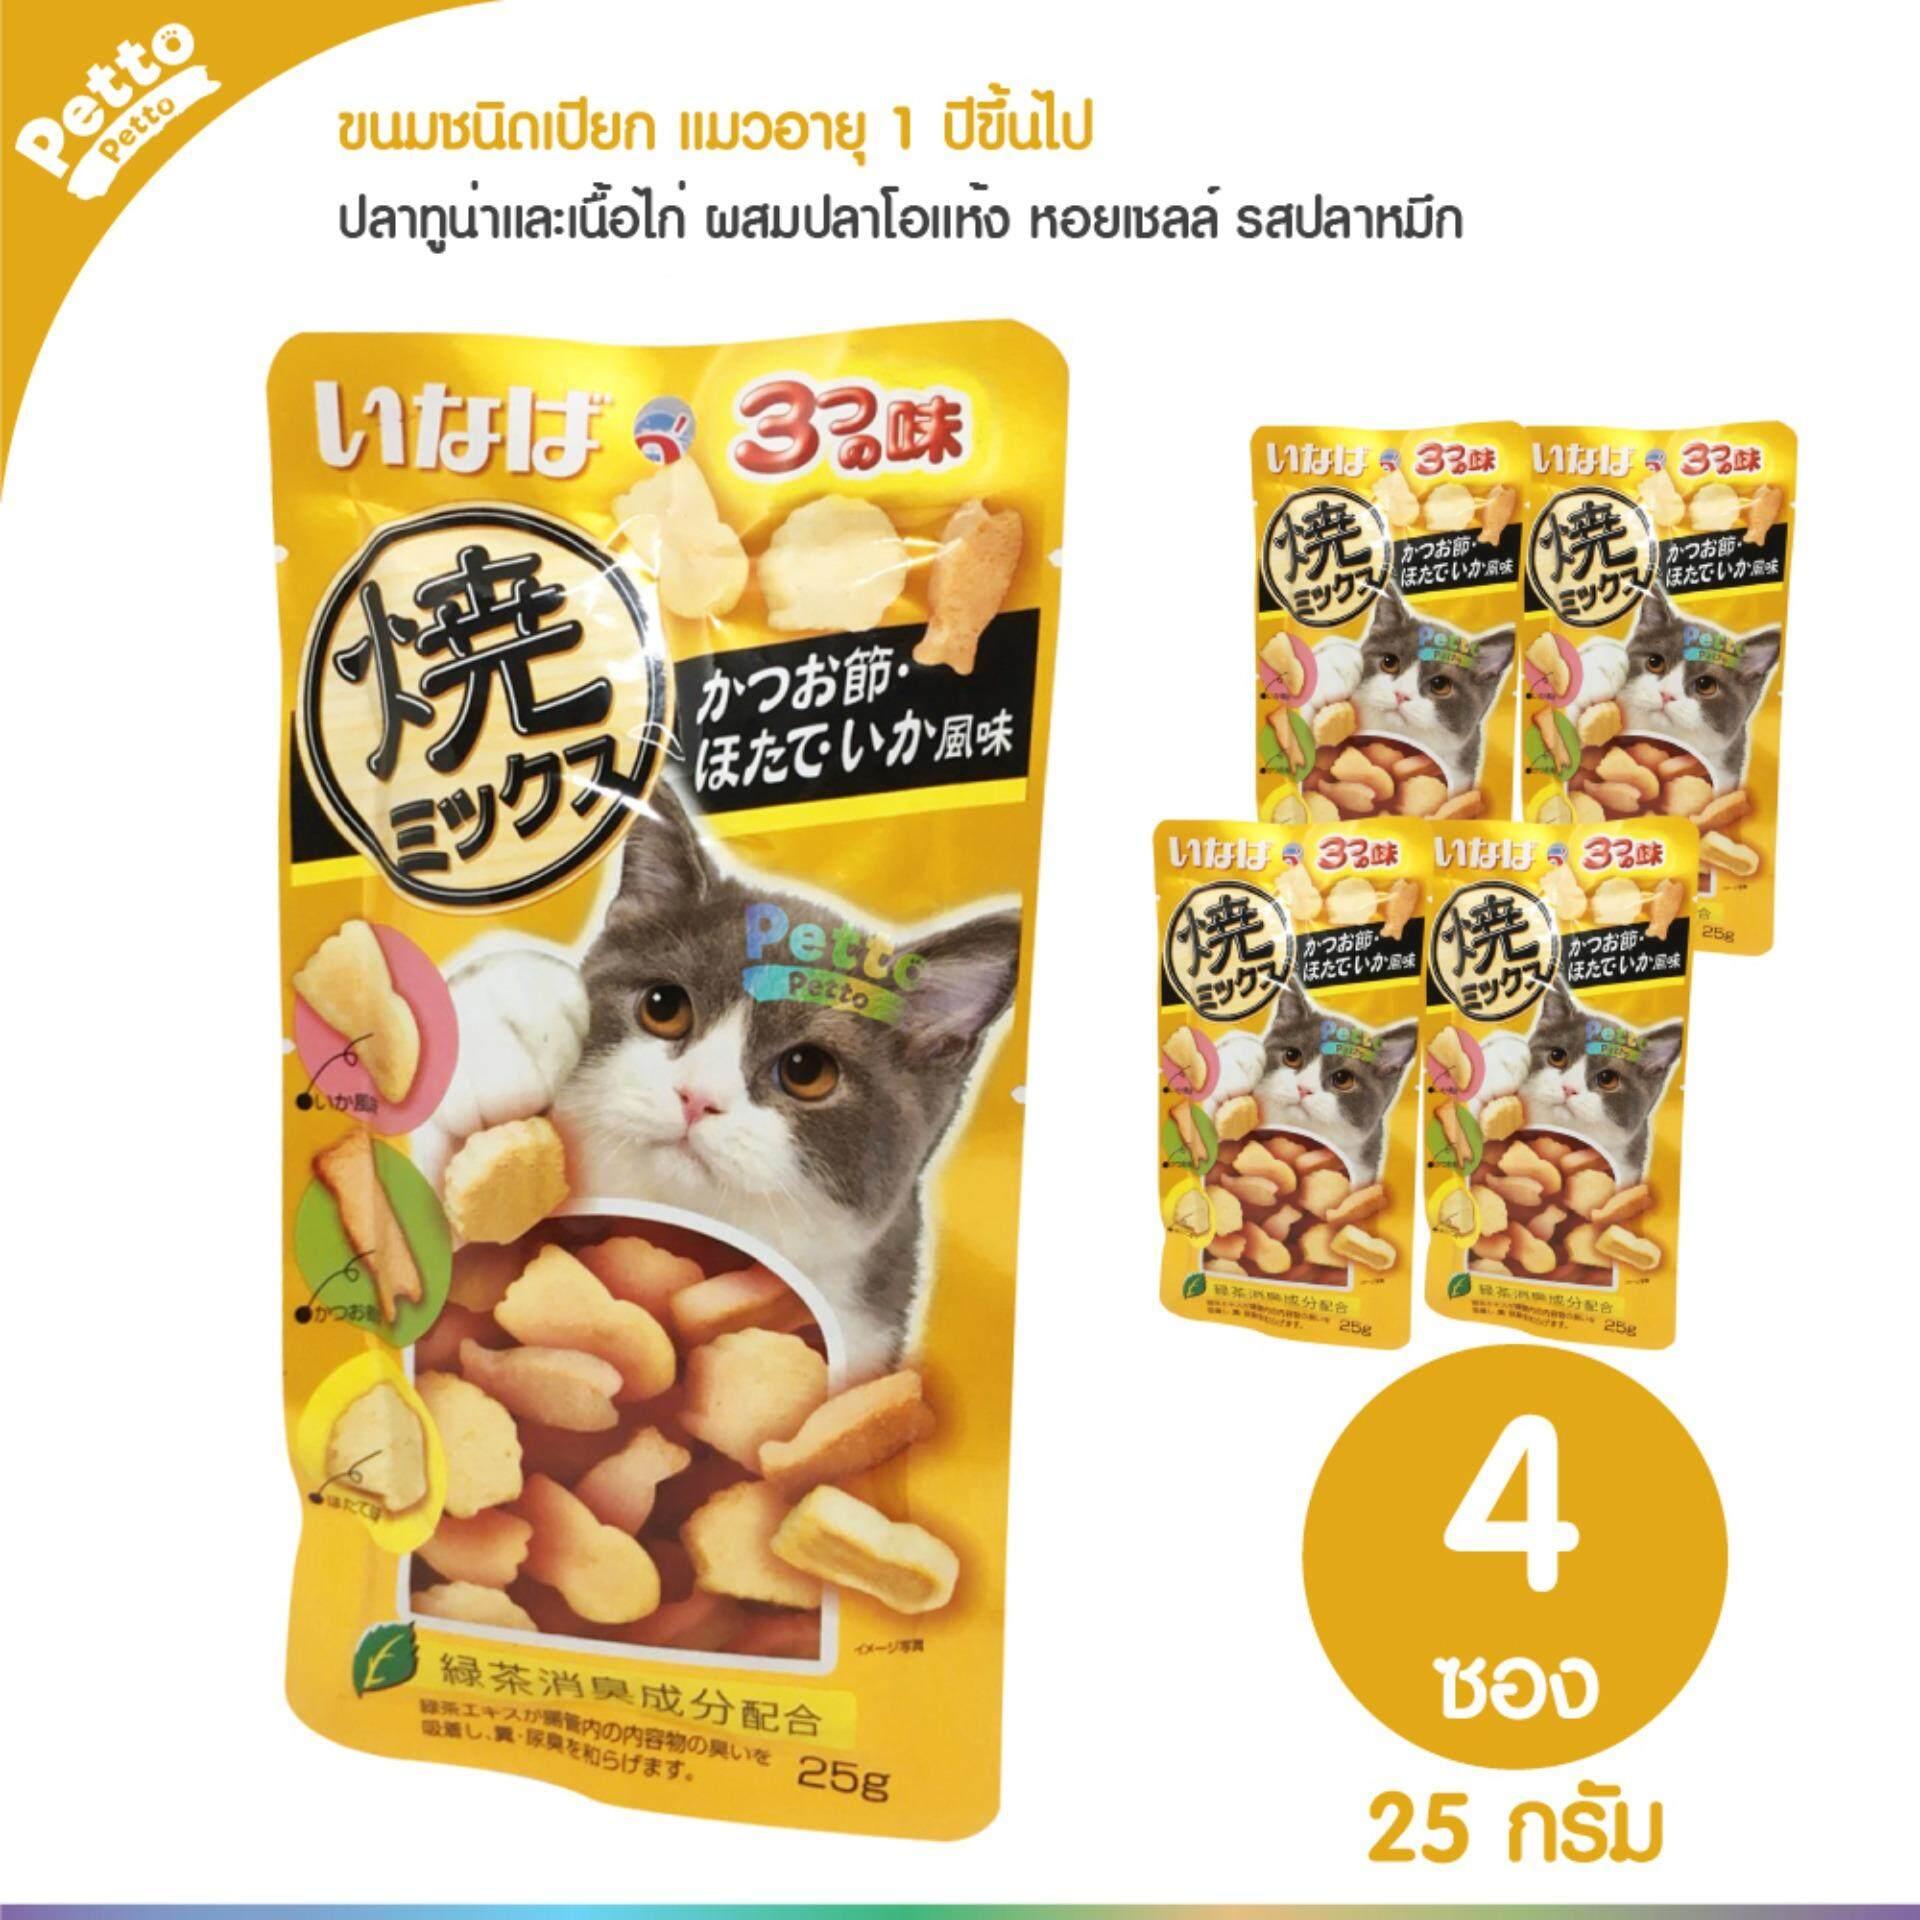 Inaba Soft Bits ขนมแมว รสปลาทูน่าและเนื้อสันในไก่ ผสมปลาโอแห้ง หอยเชลล์ รสปลาหมึก 25 กรัม - 4 ชิ้น By Petto Petto.